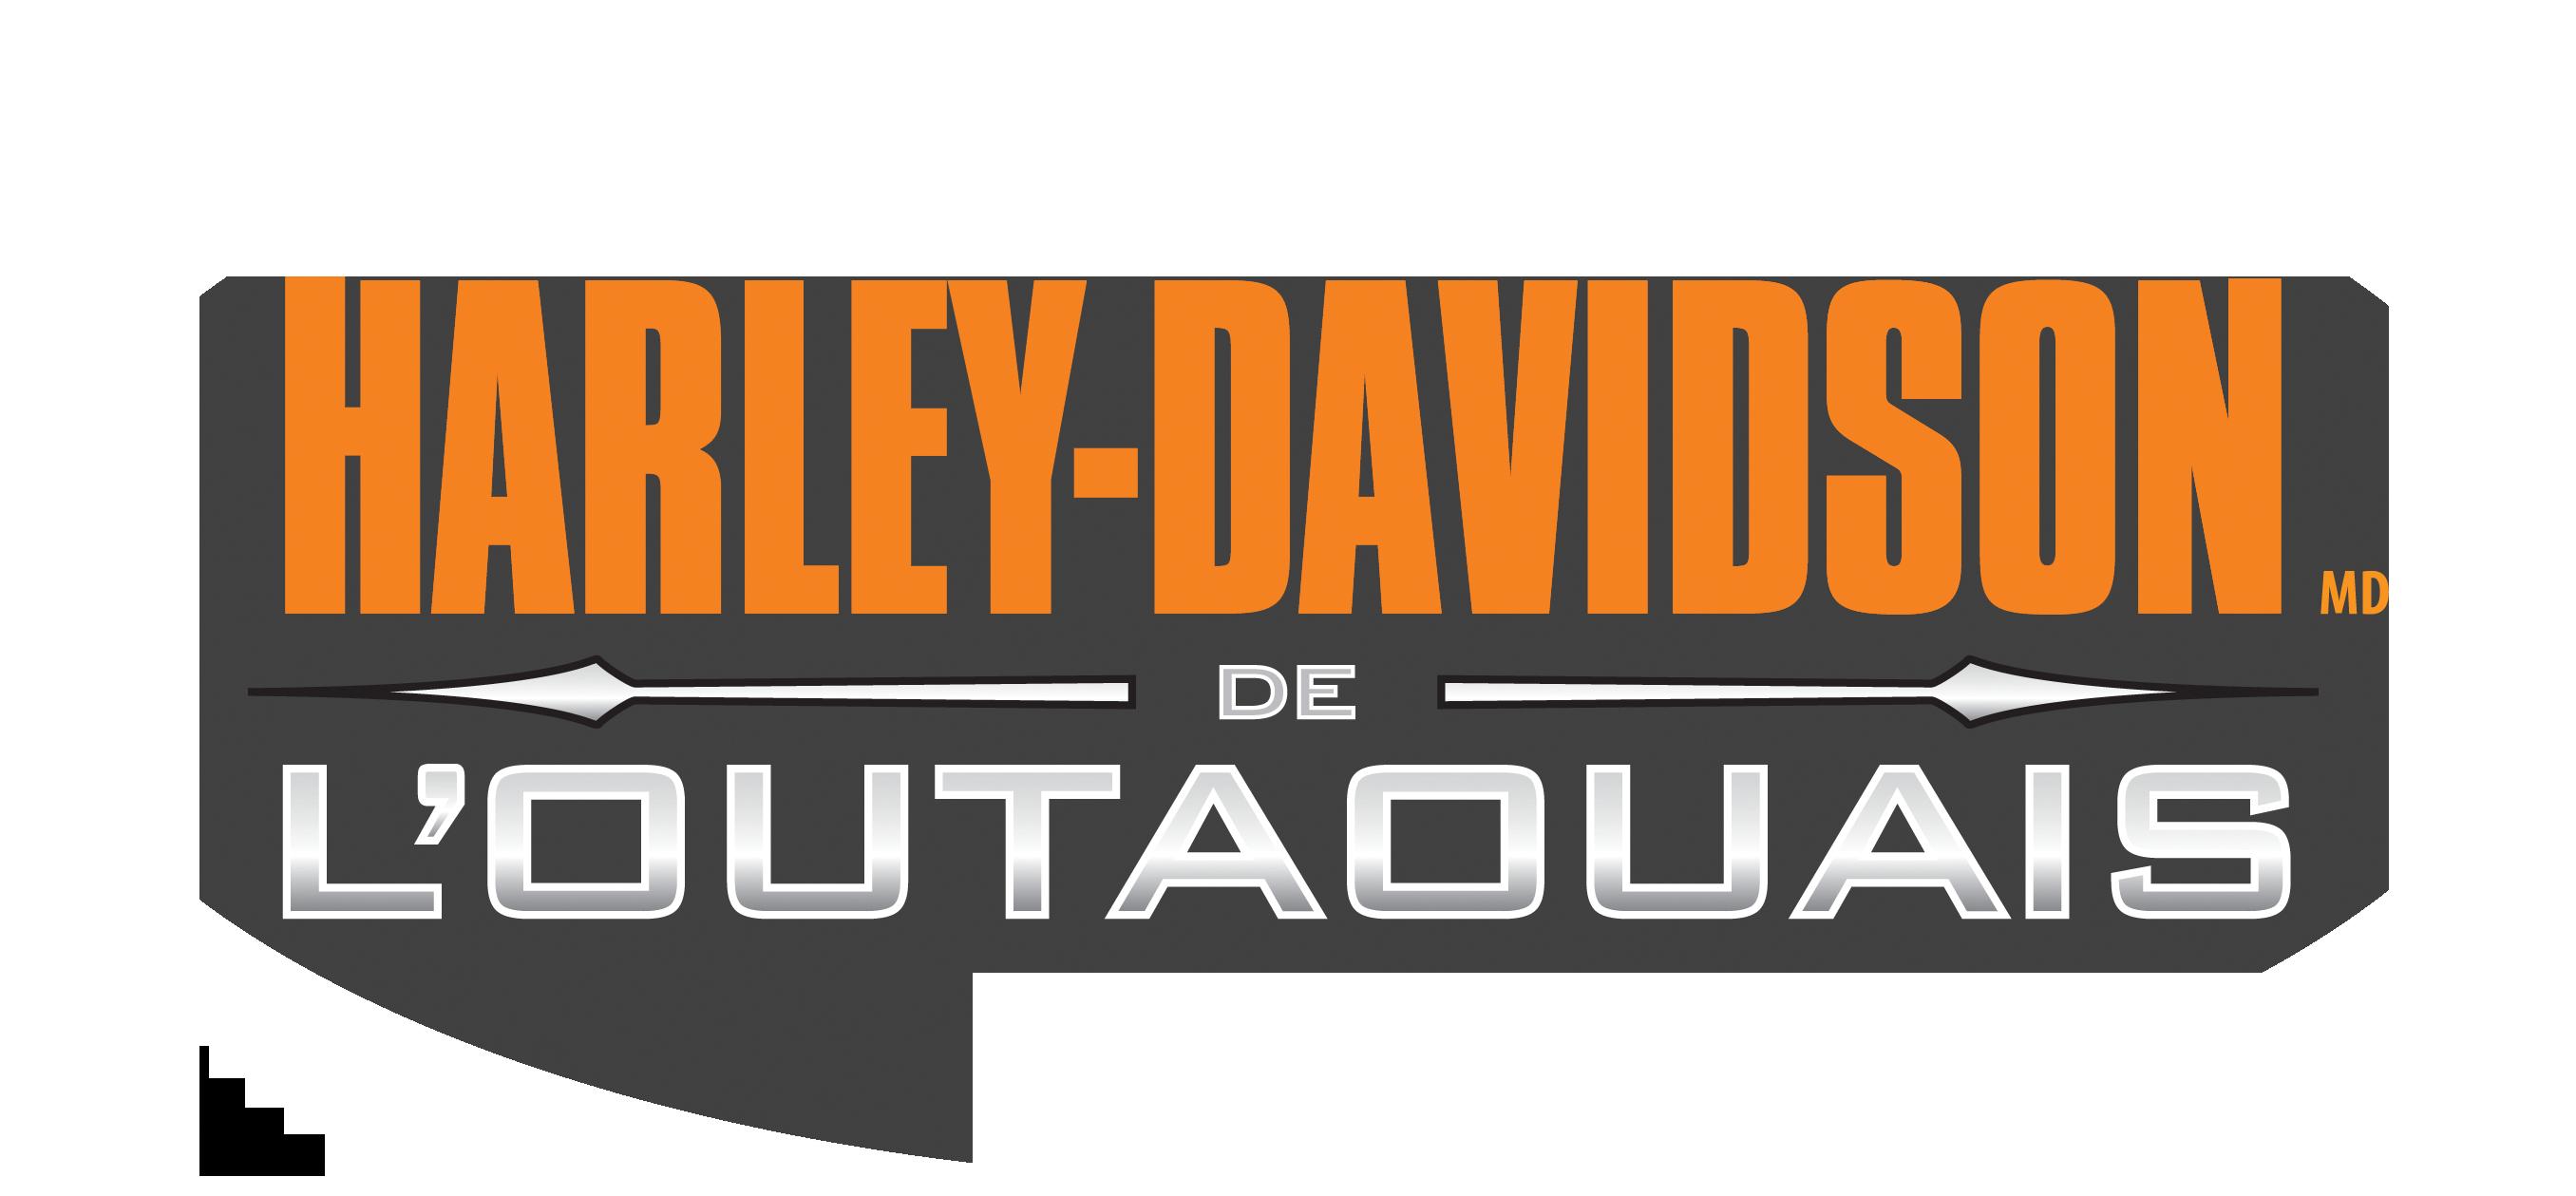 HARLEY-DAVIDSON® DE L'OUTAOUAIS